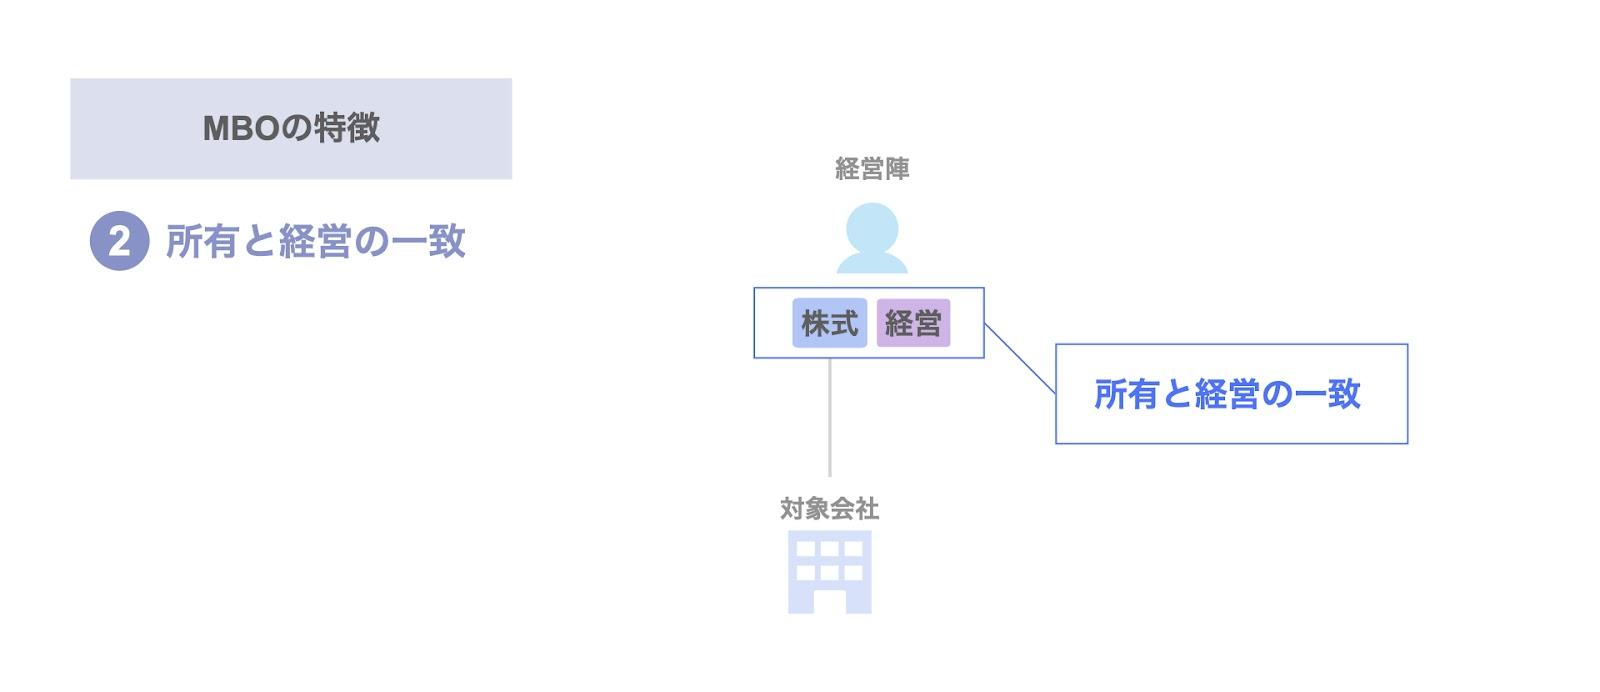 MBOの特徴② 所有と経営の一致